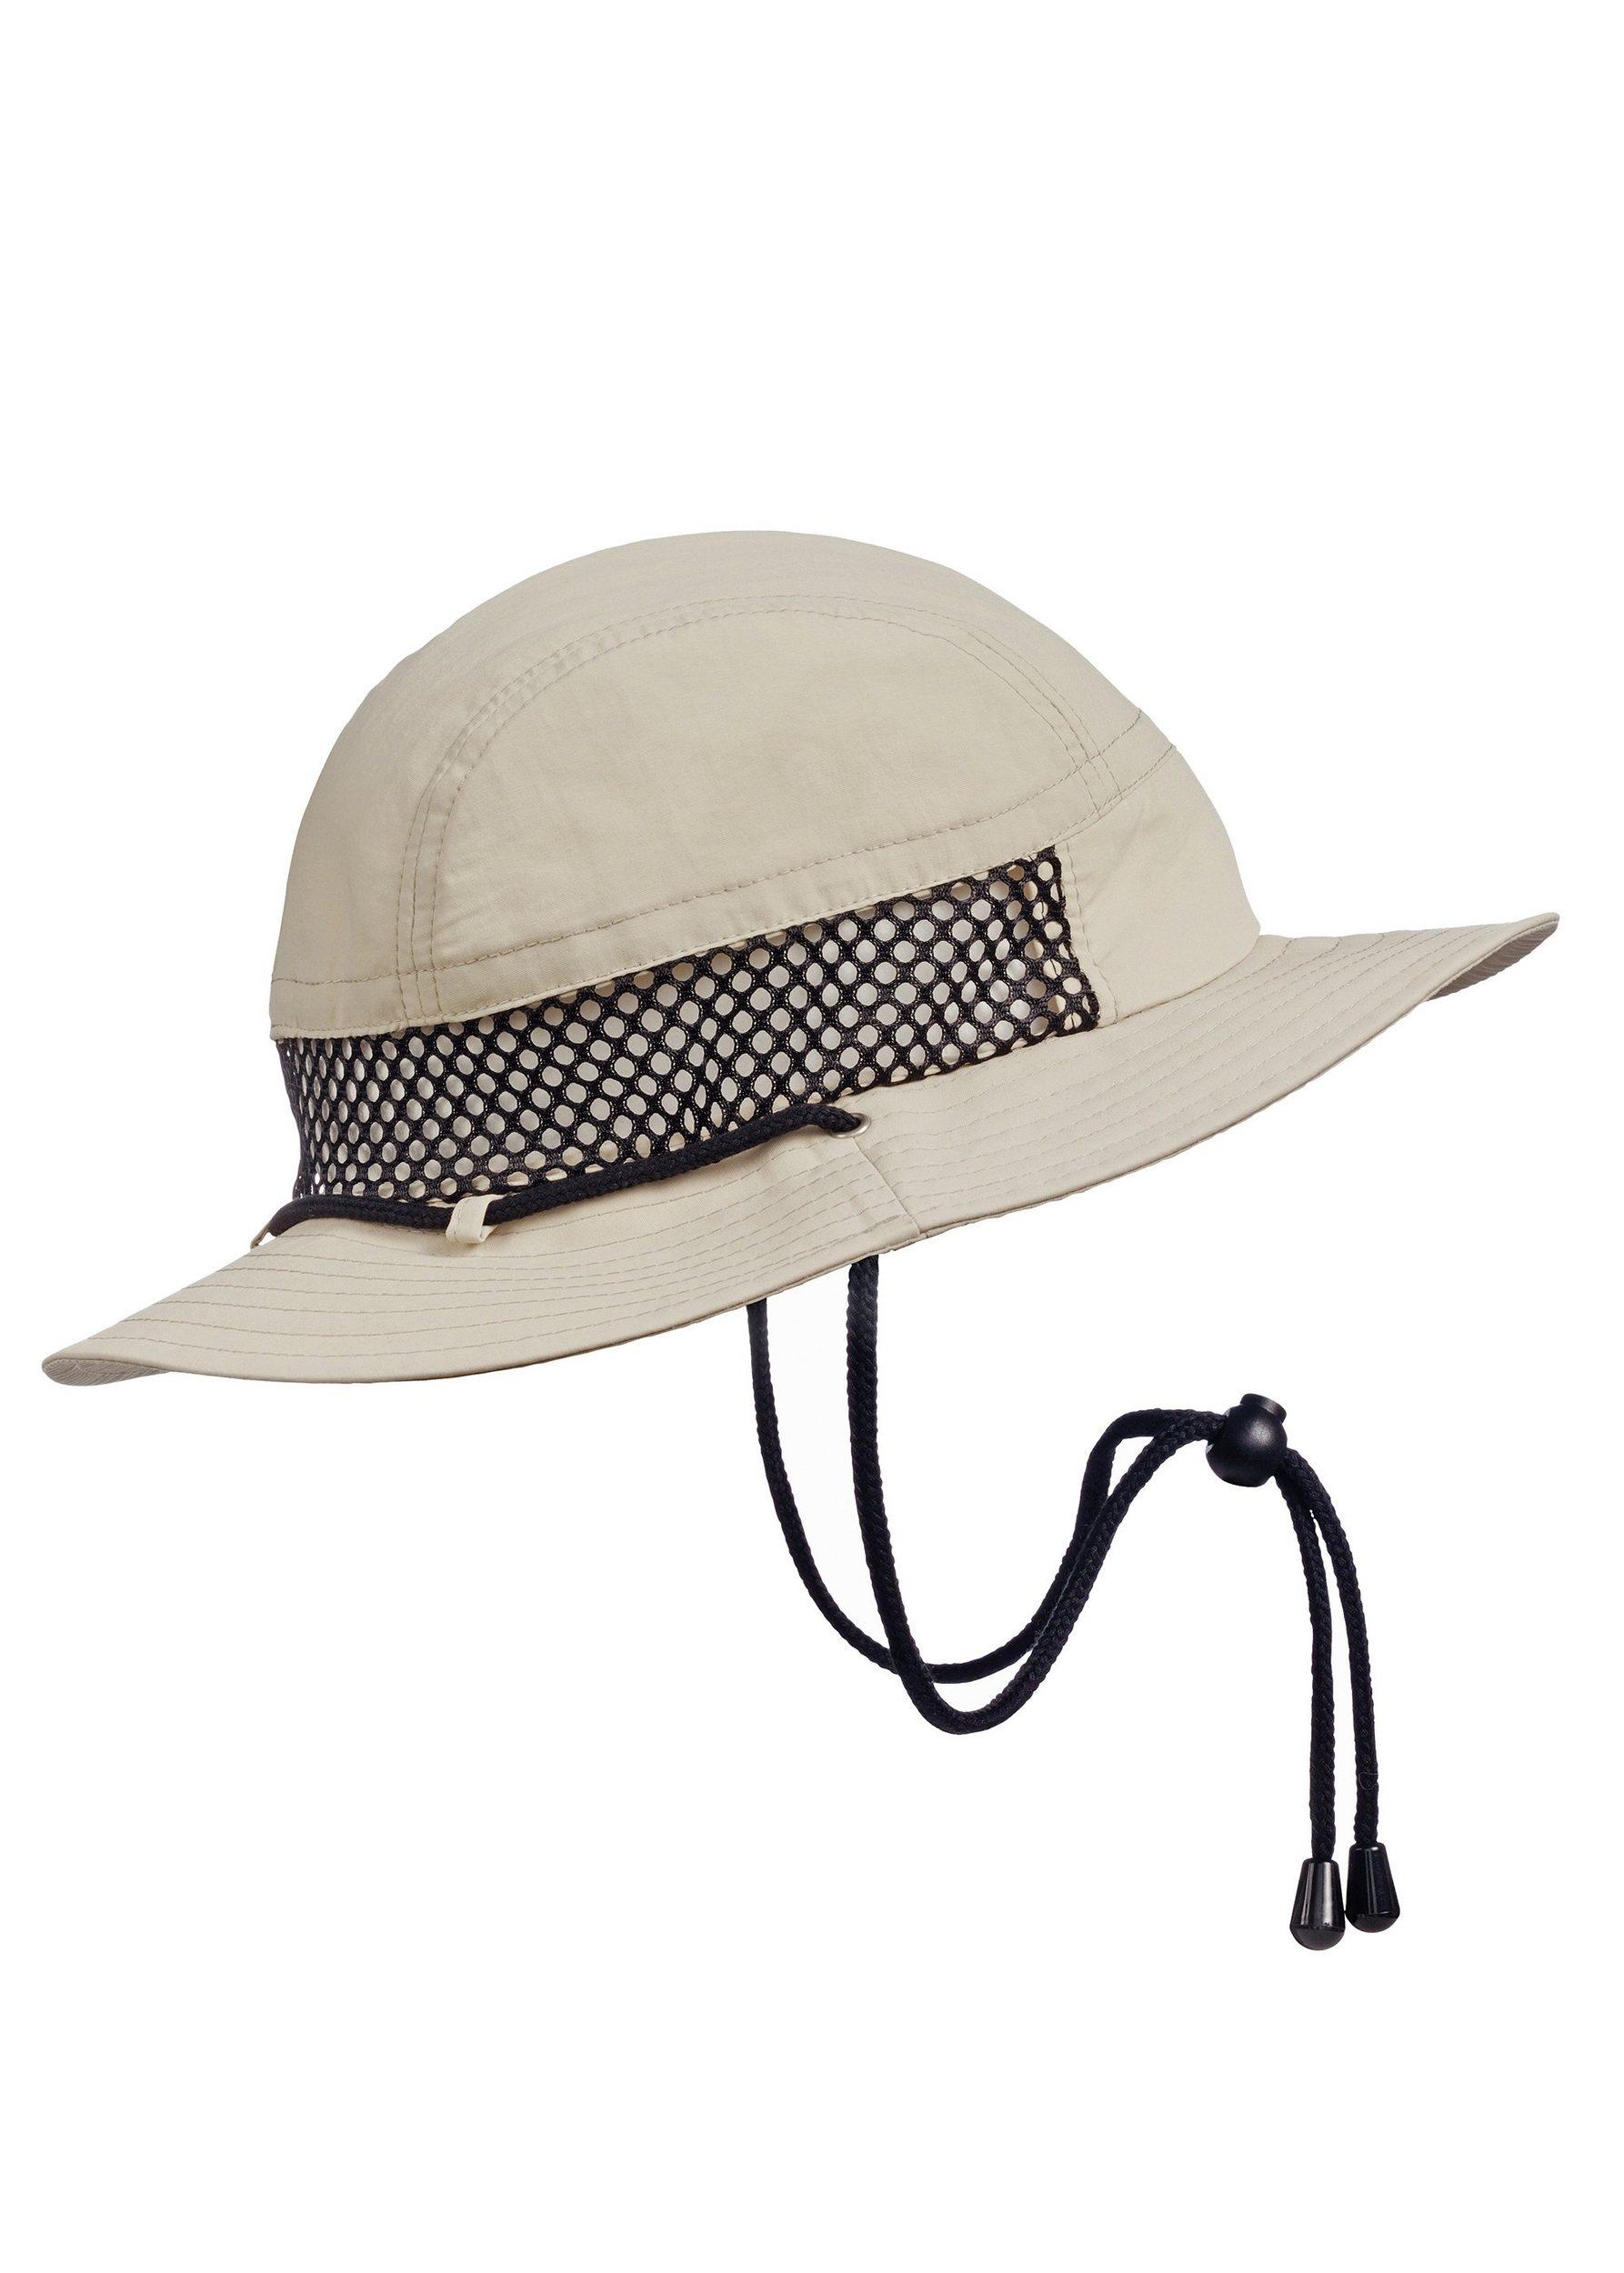 Stöhr Hut mit Mesh 11102 sand